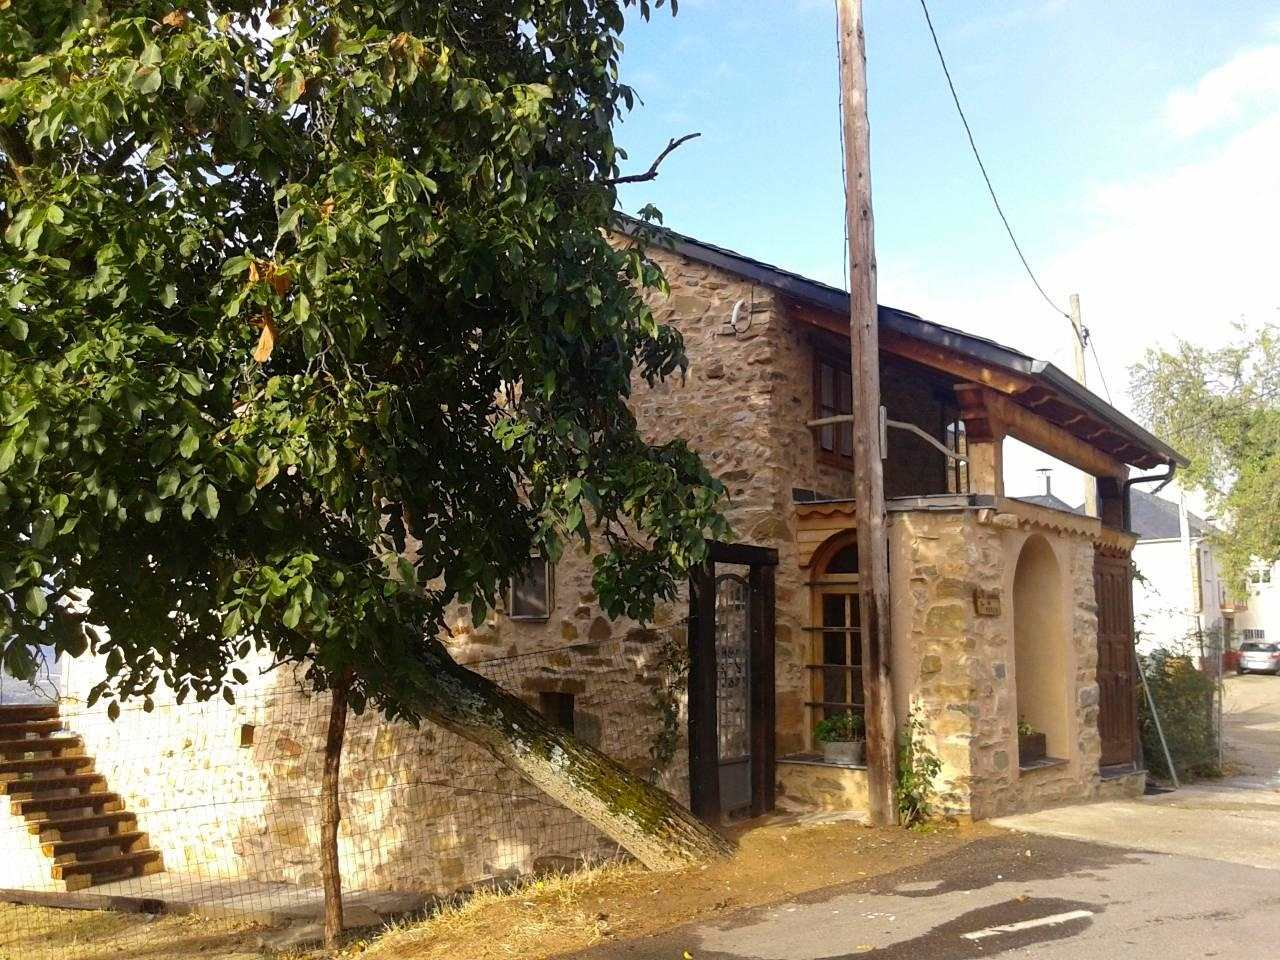 Alquiler vacacional en Tedejo, León